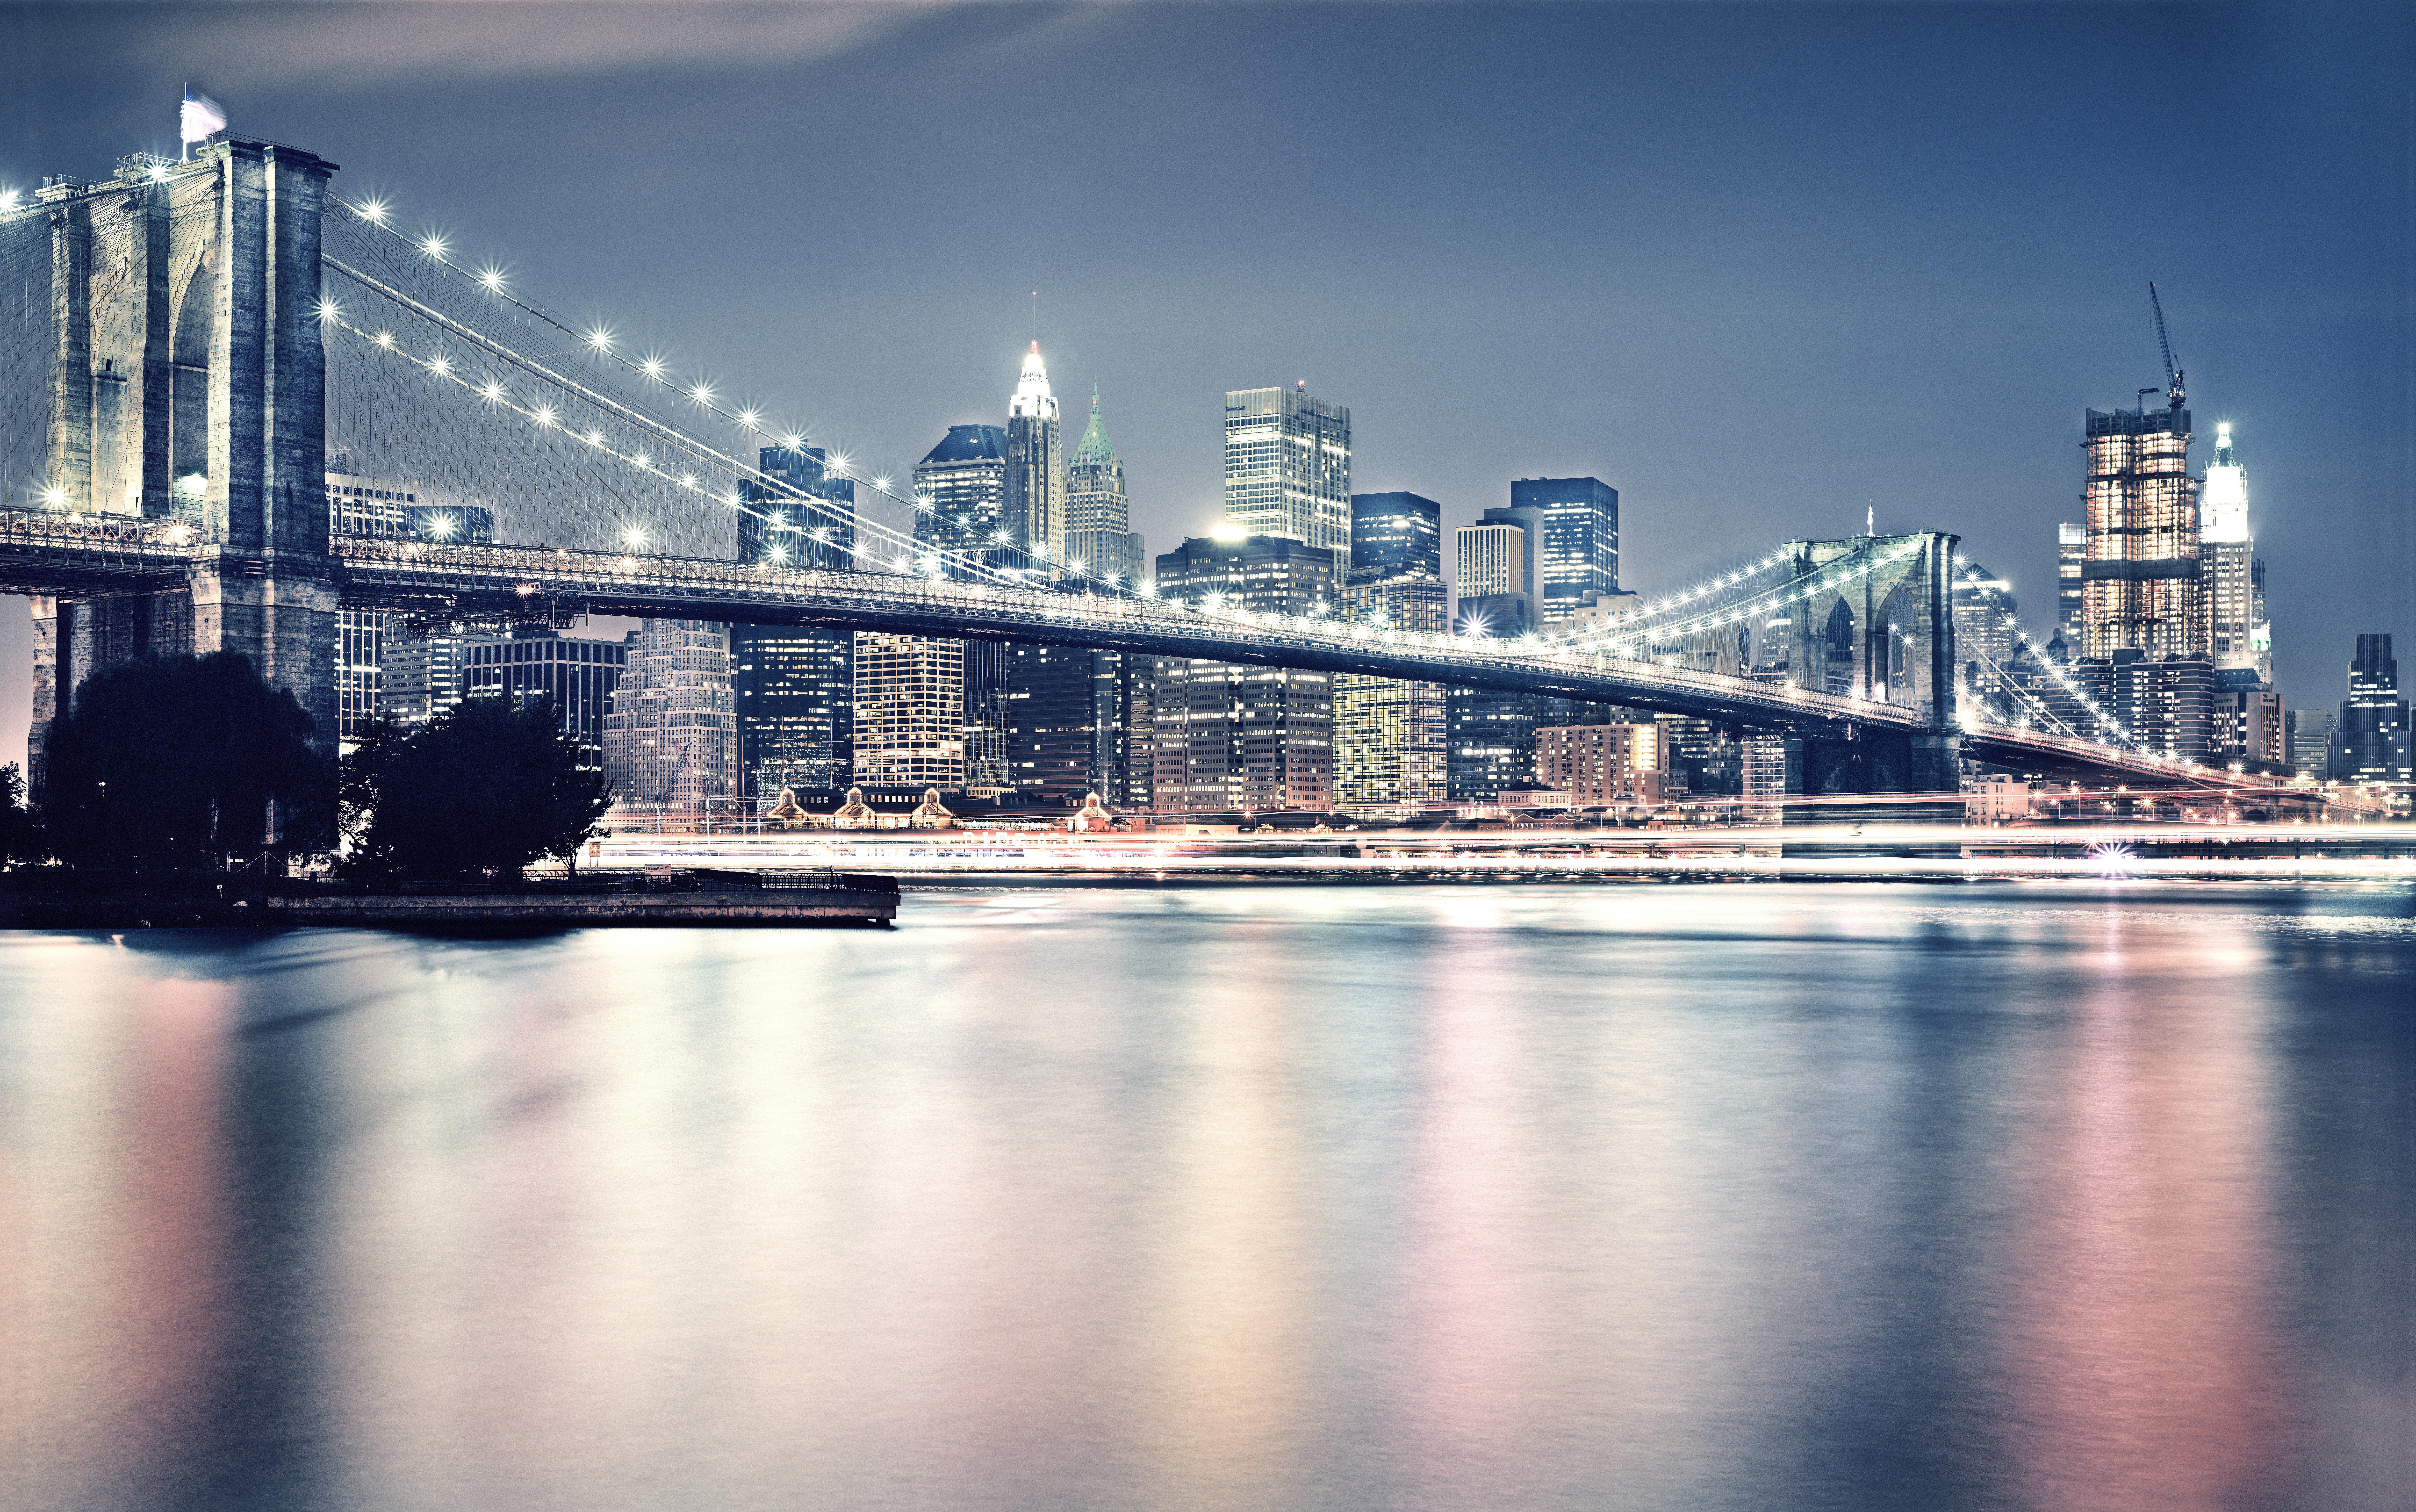 Фото города с большим разрешением